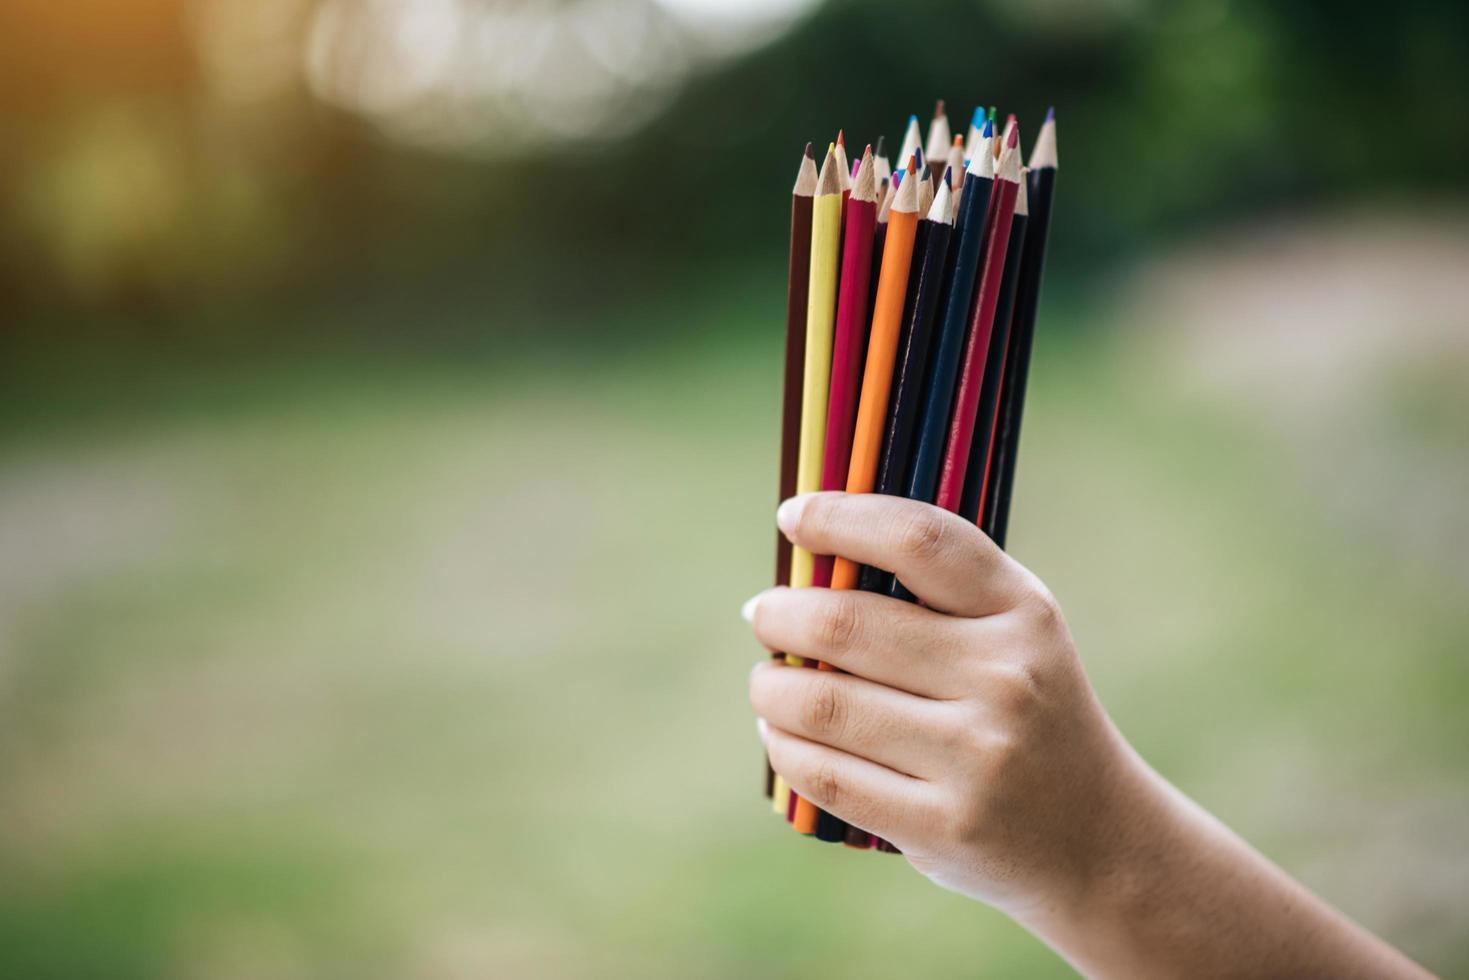 kleurrijke potloden in hand op groene achtergrond foto